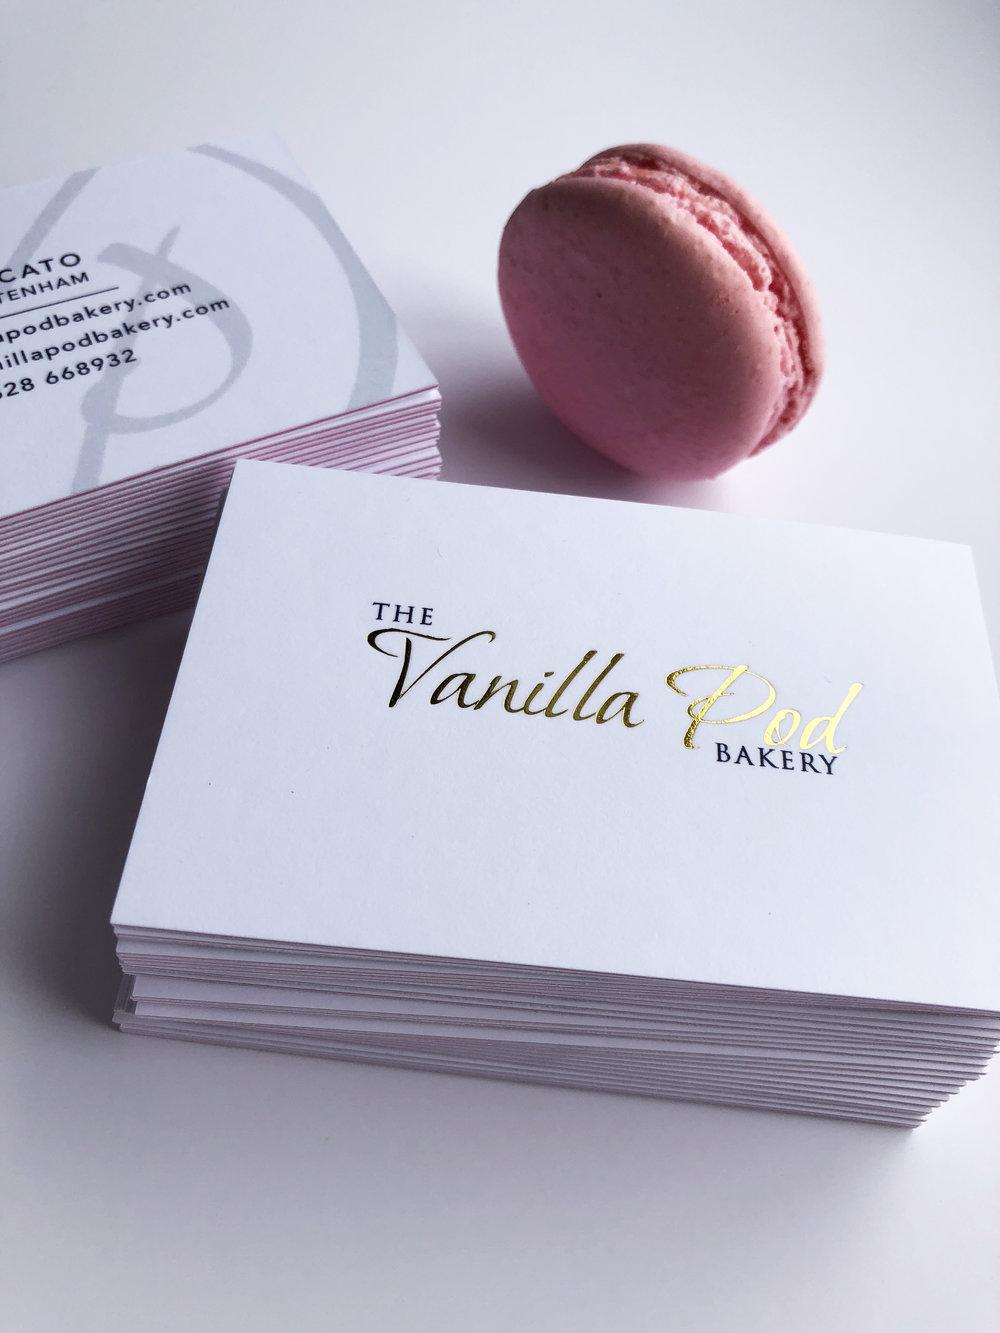 Vanilla Pod Bakery